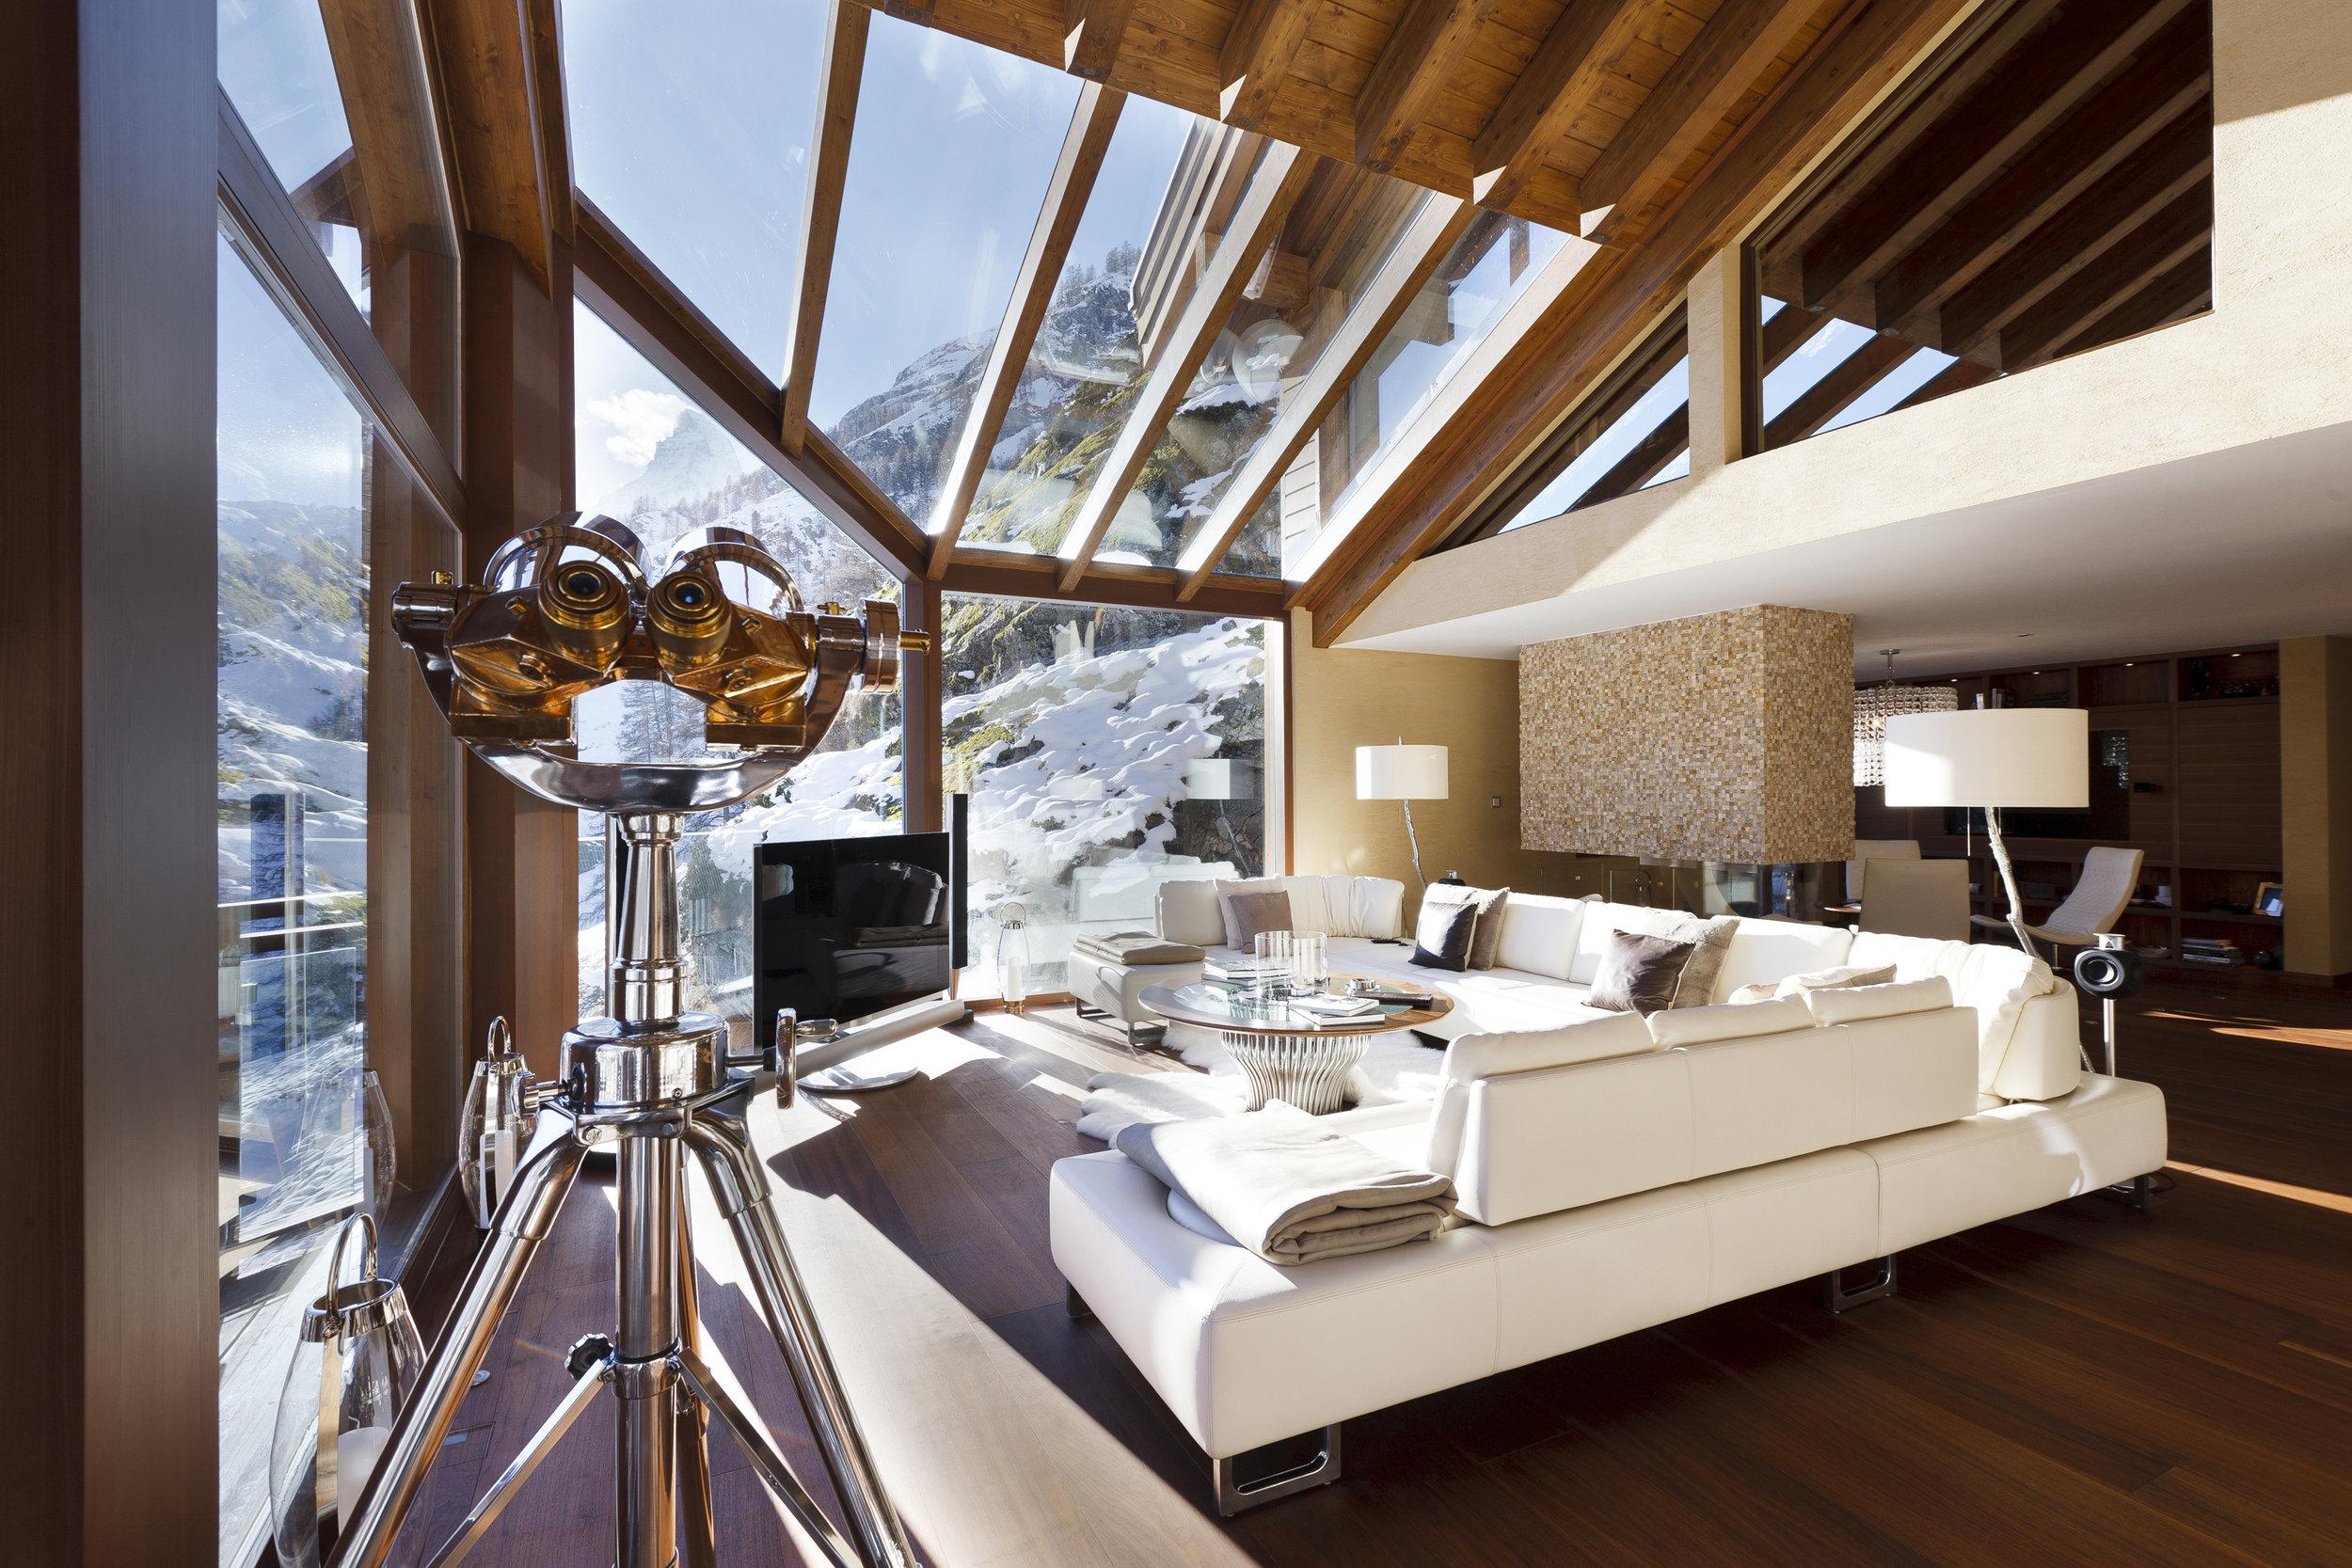 Travive-Zermatt-dining room.jpg